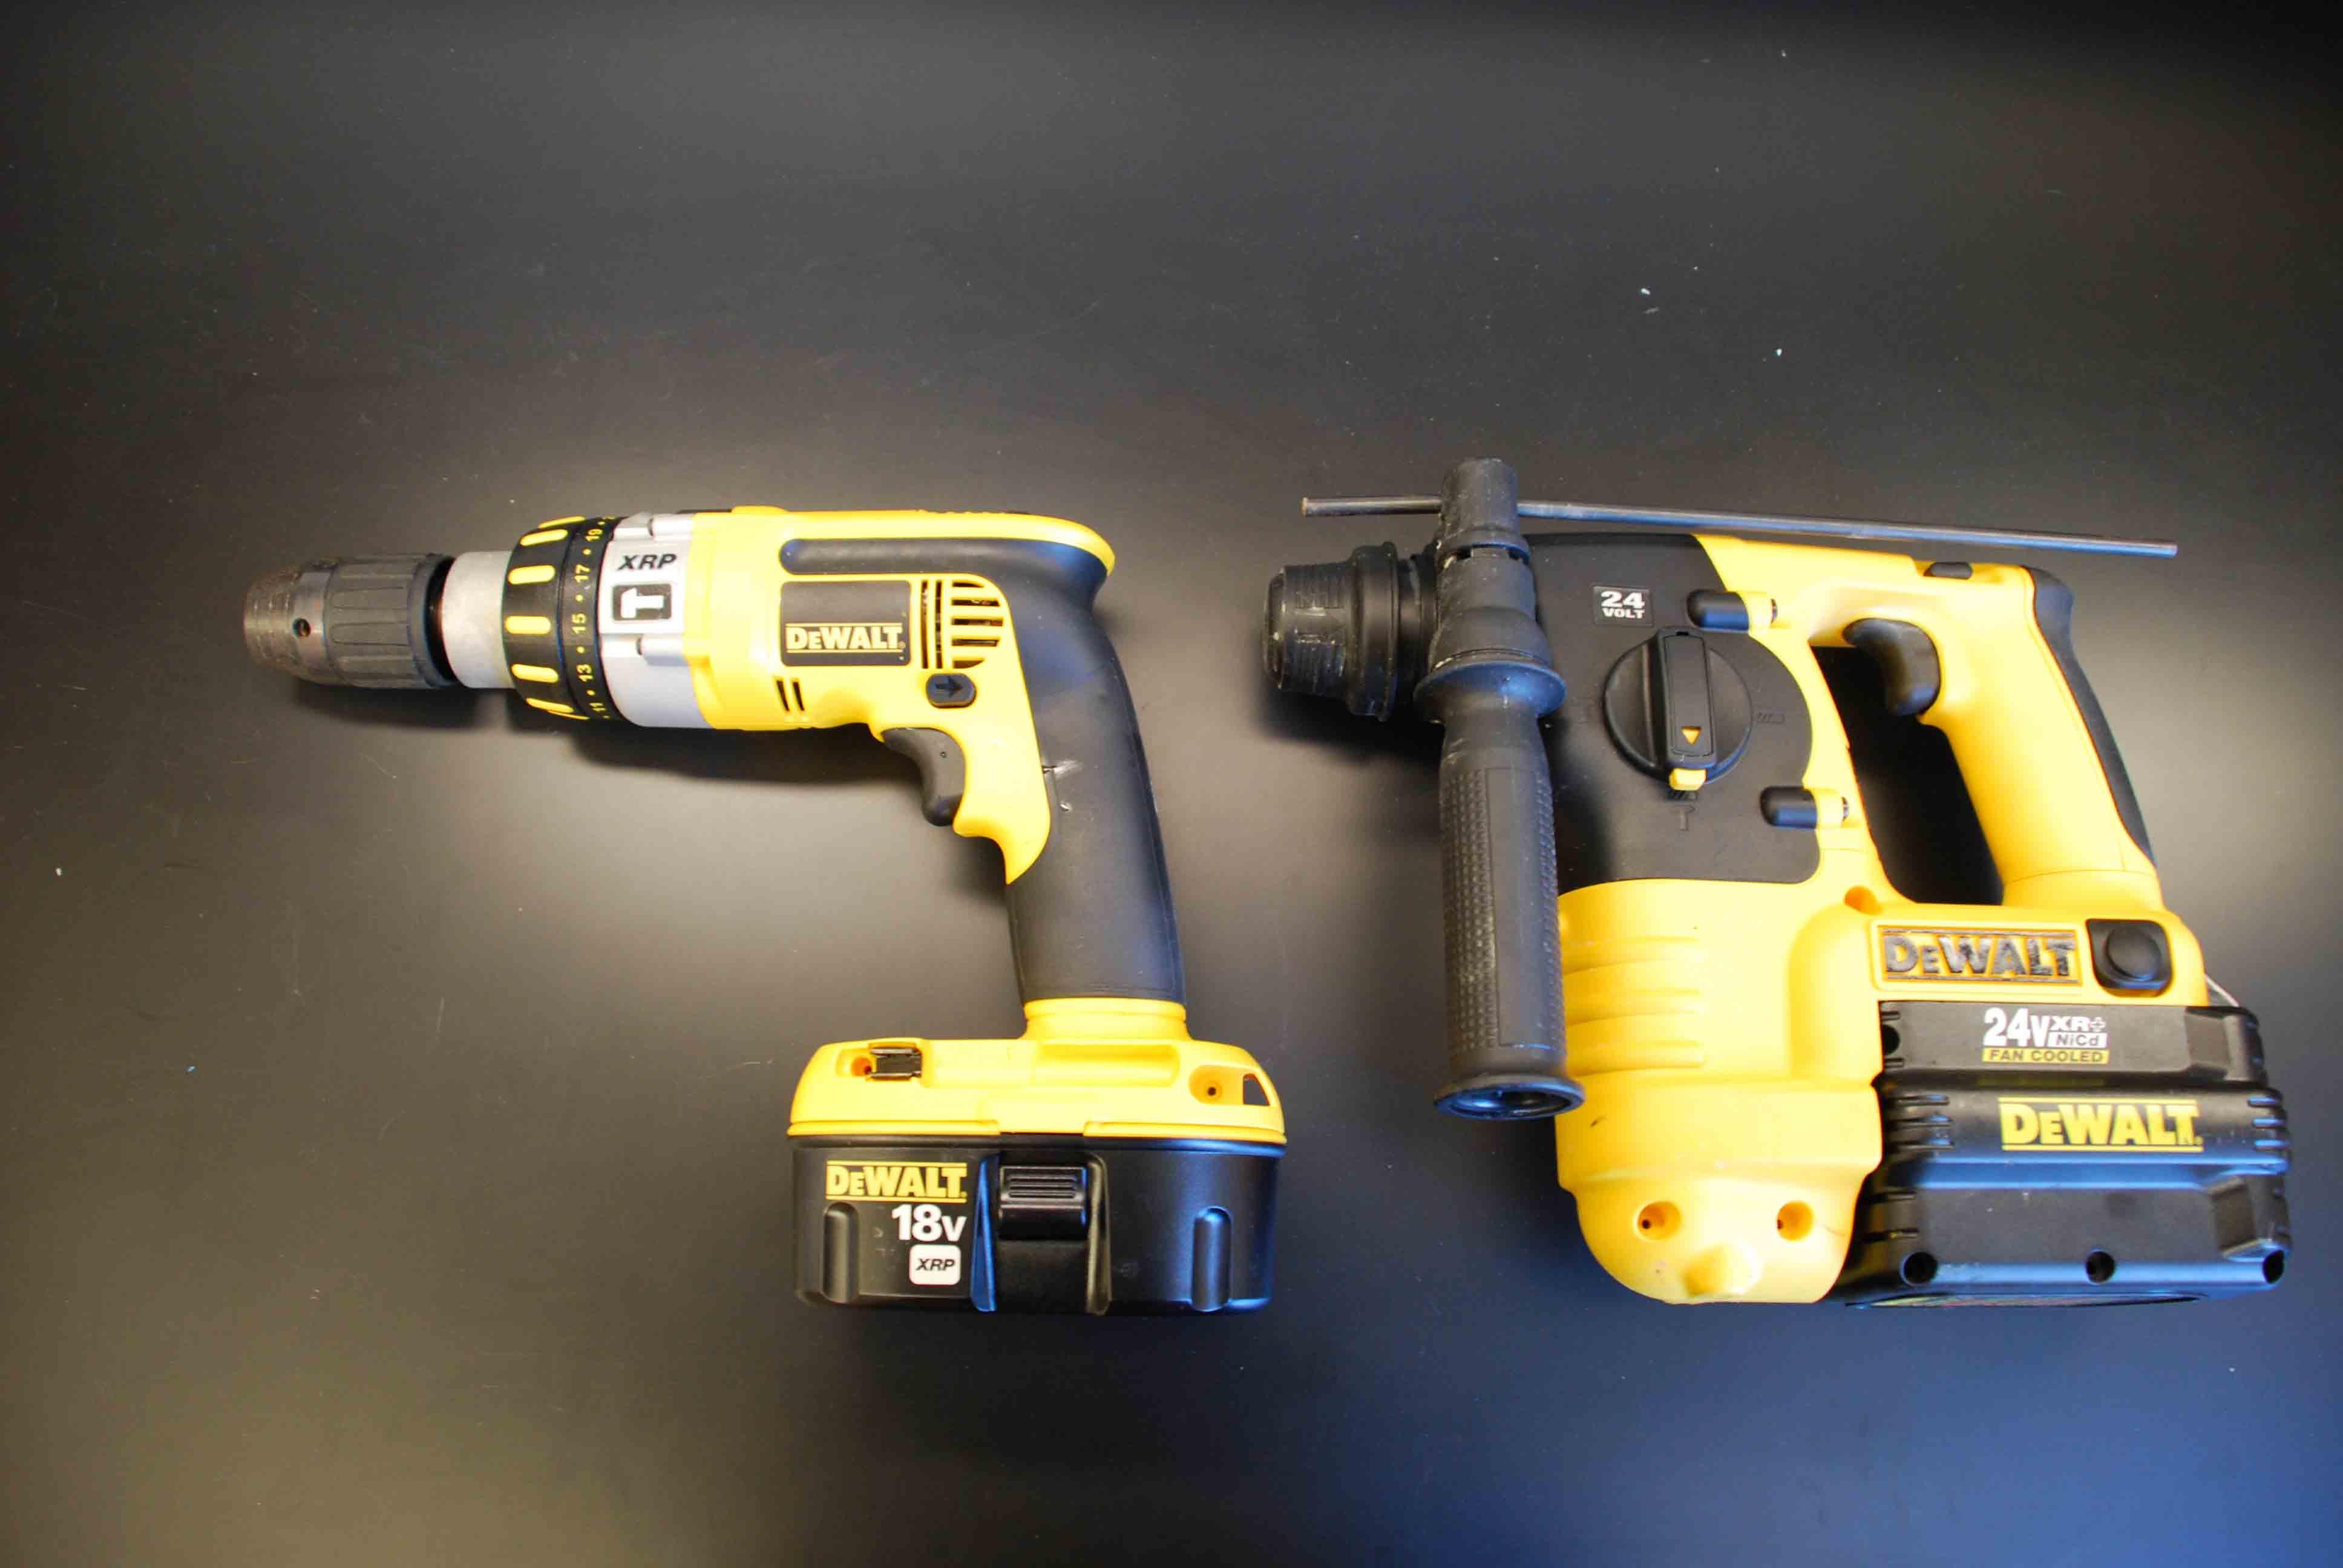 Dewalt 18 volt and 24 volt rotary hammers